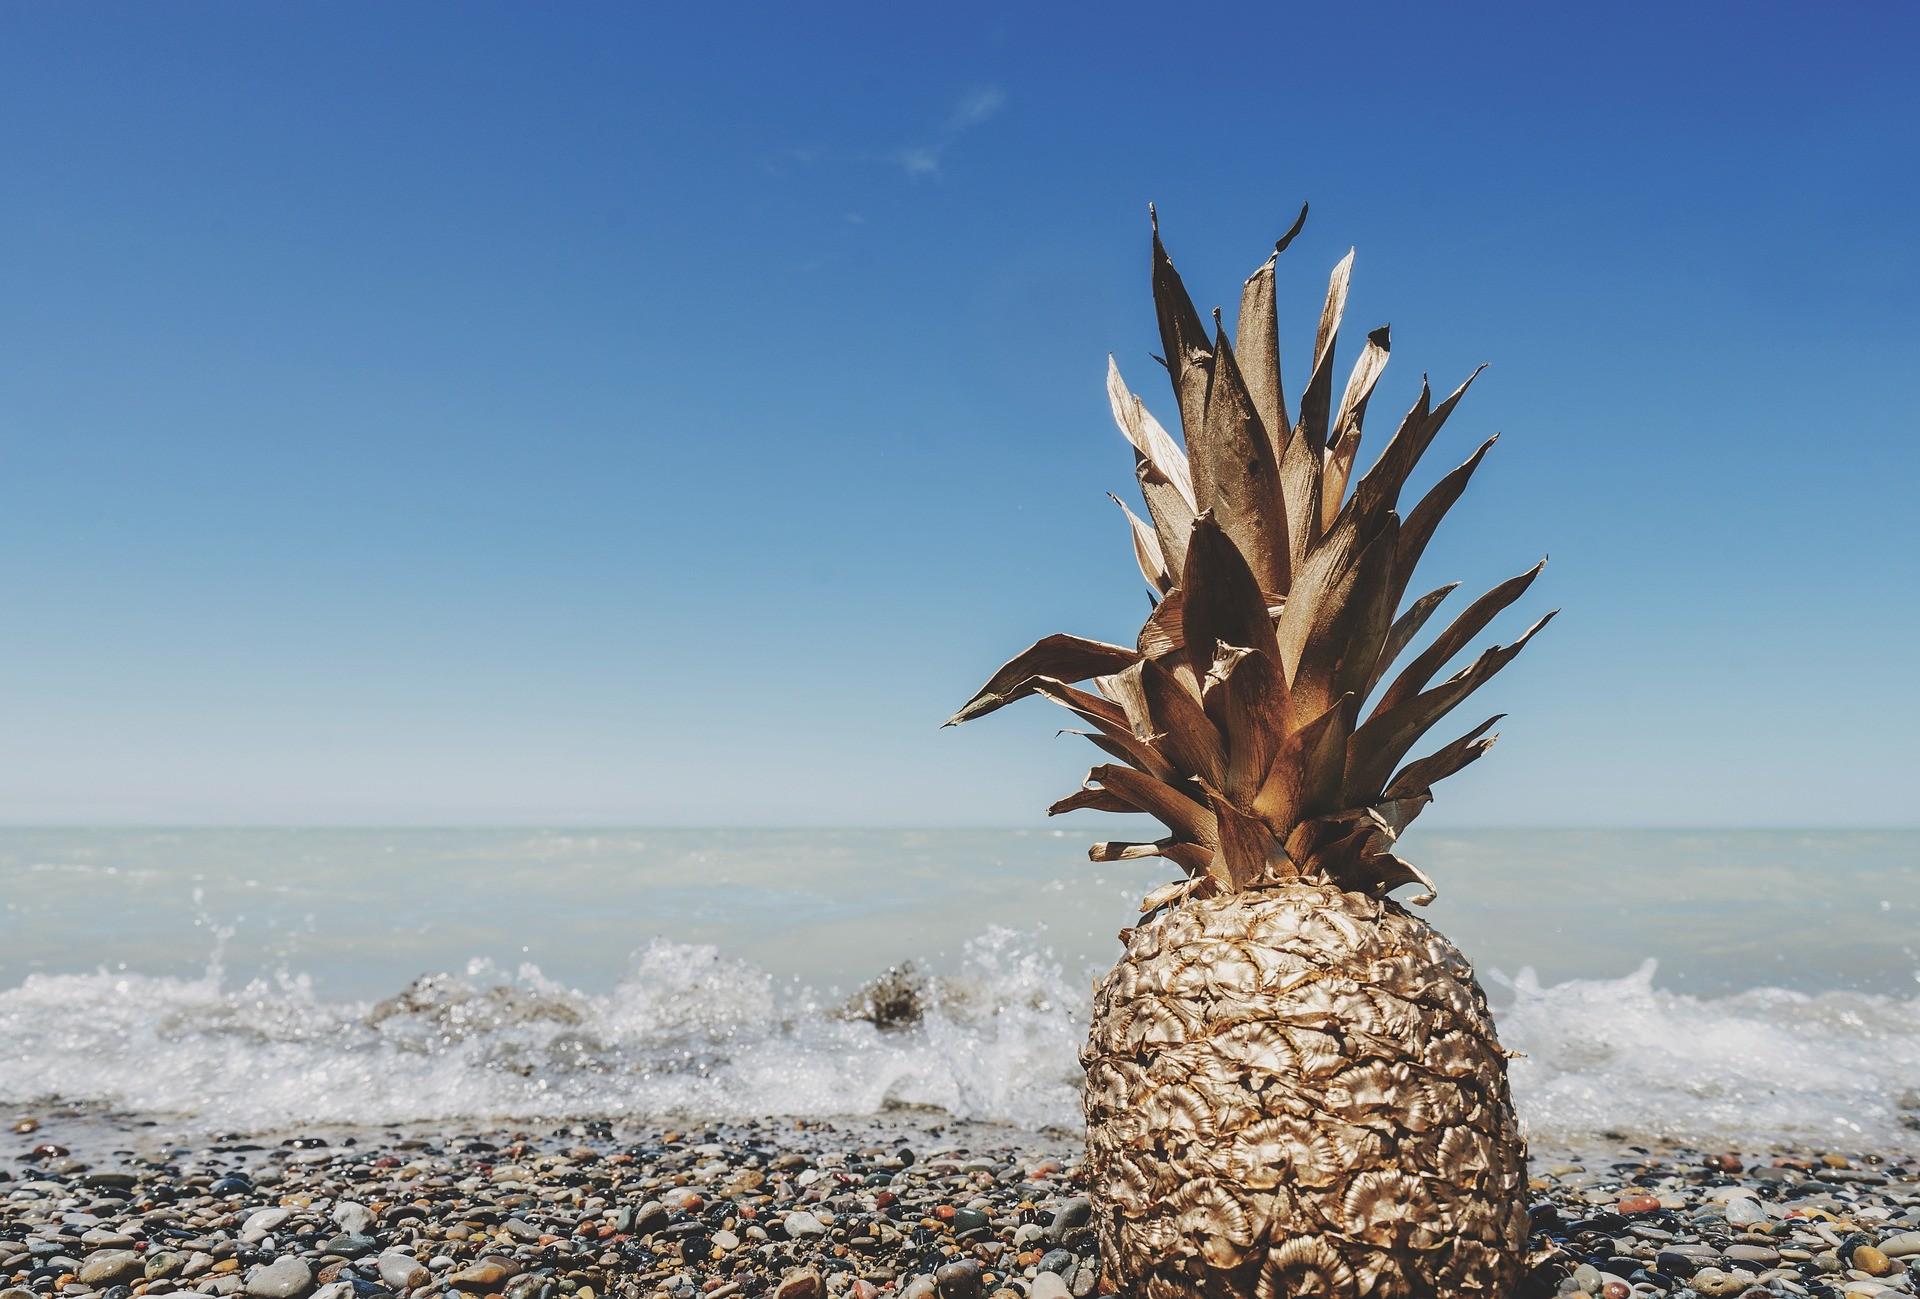 15442165137794407_by_hans3595_beach-1838620_1920